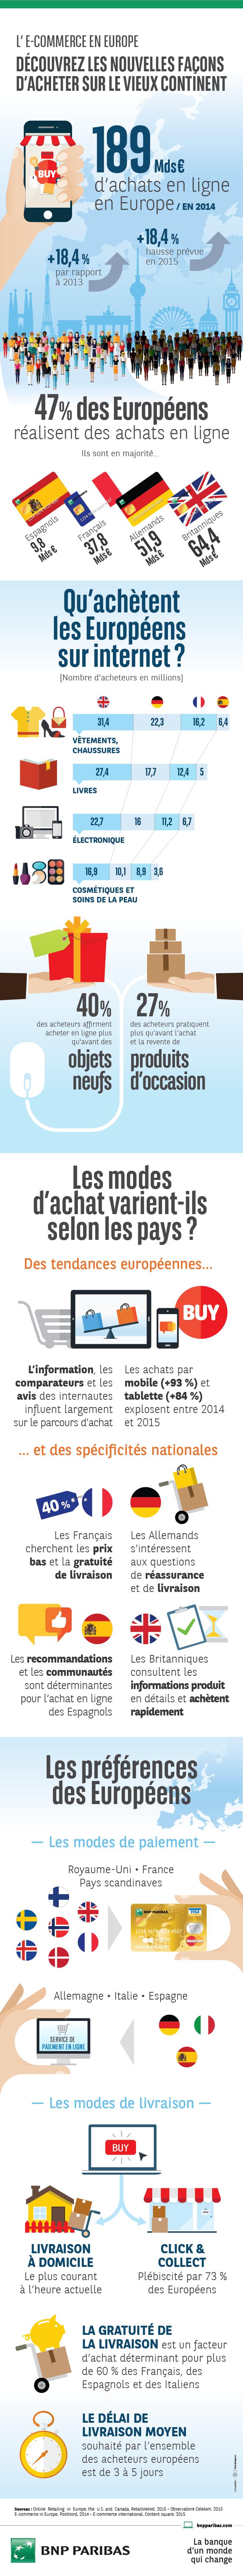 Infographie - L'E-commerce en Europe - Découvrez les nouvelles façons d'acheter sur le vieux continent